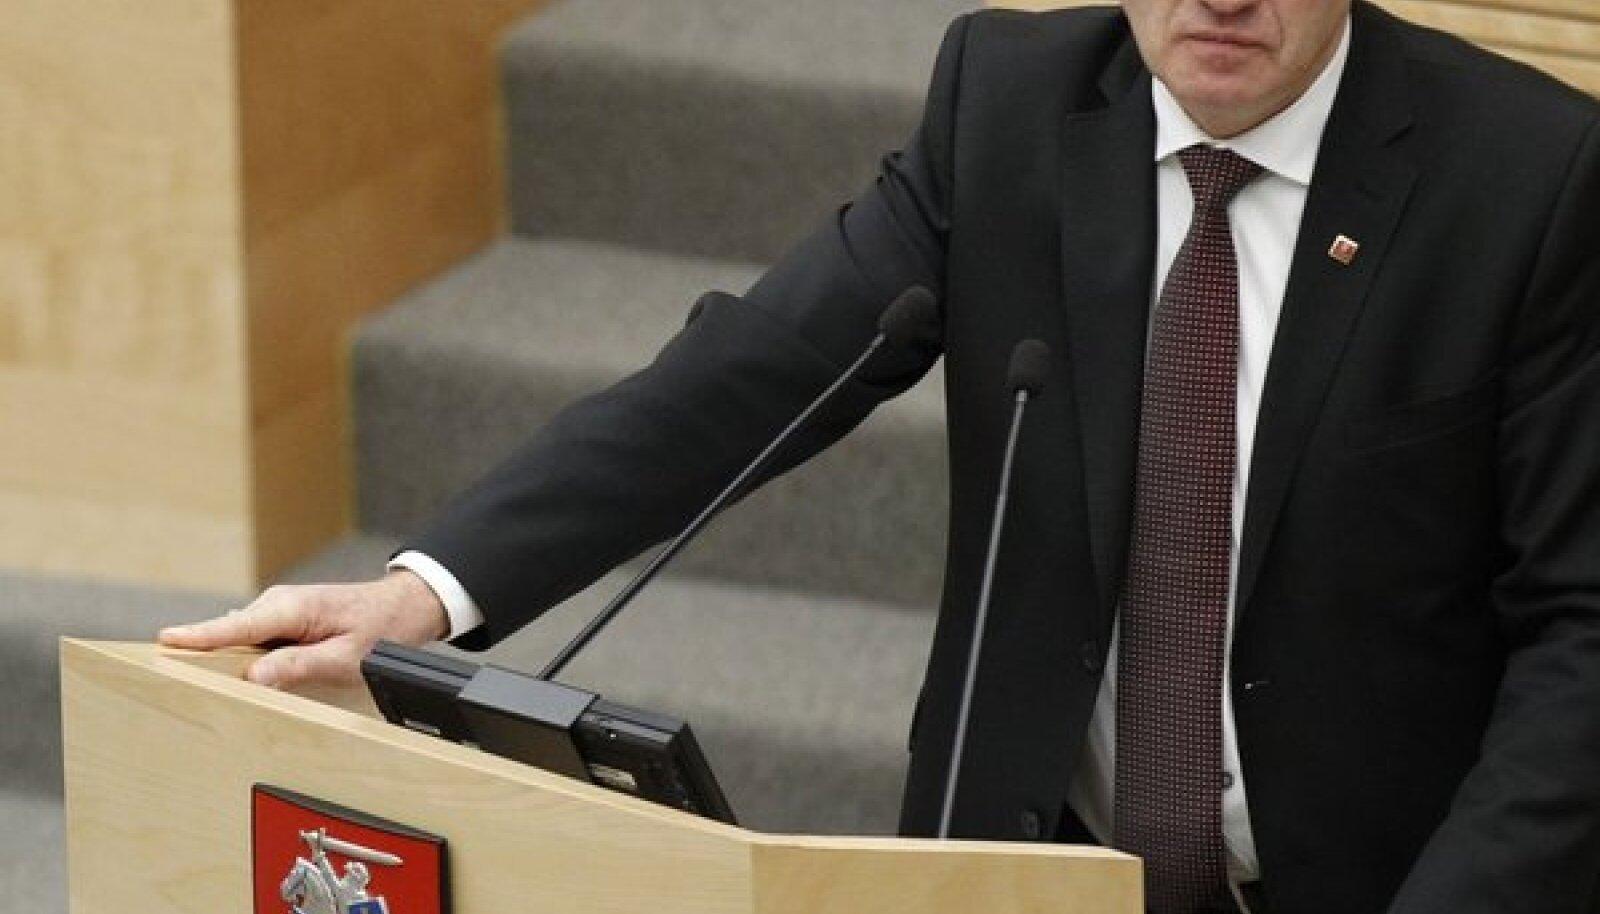 Algirdas Butkevićius